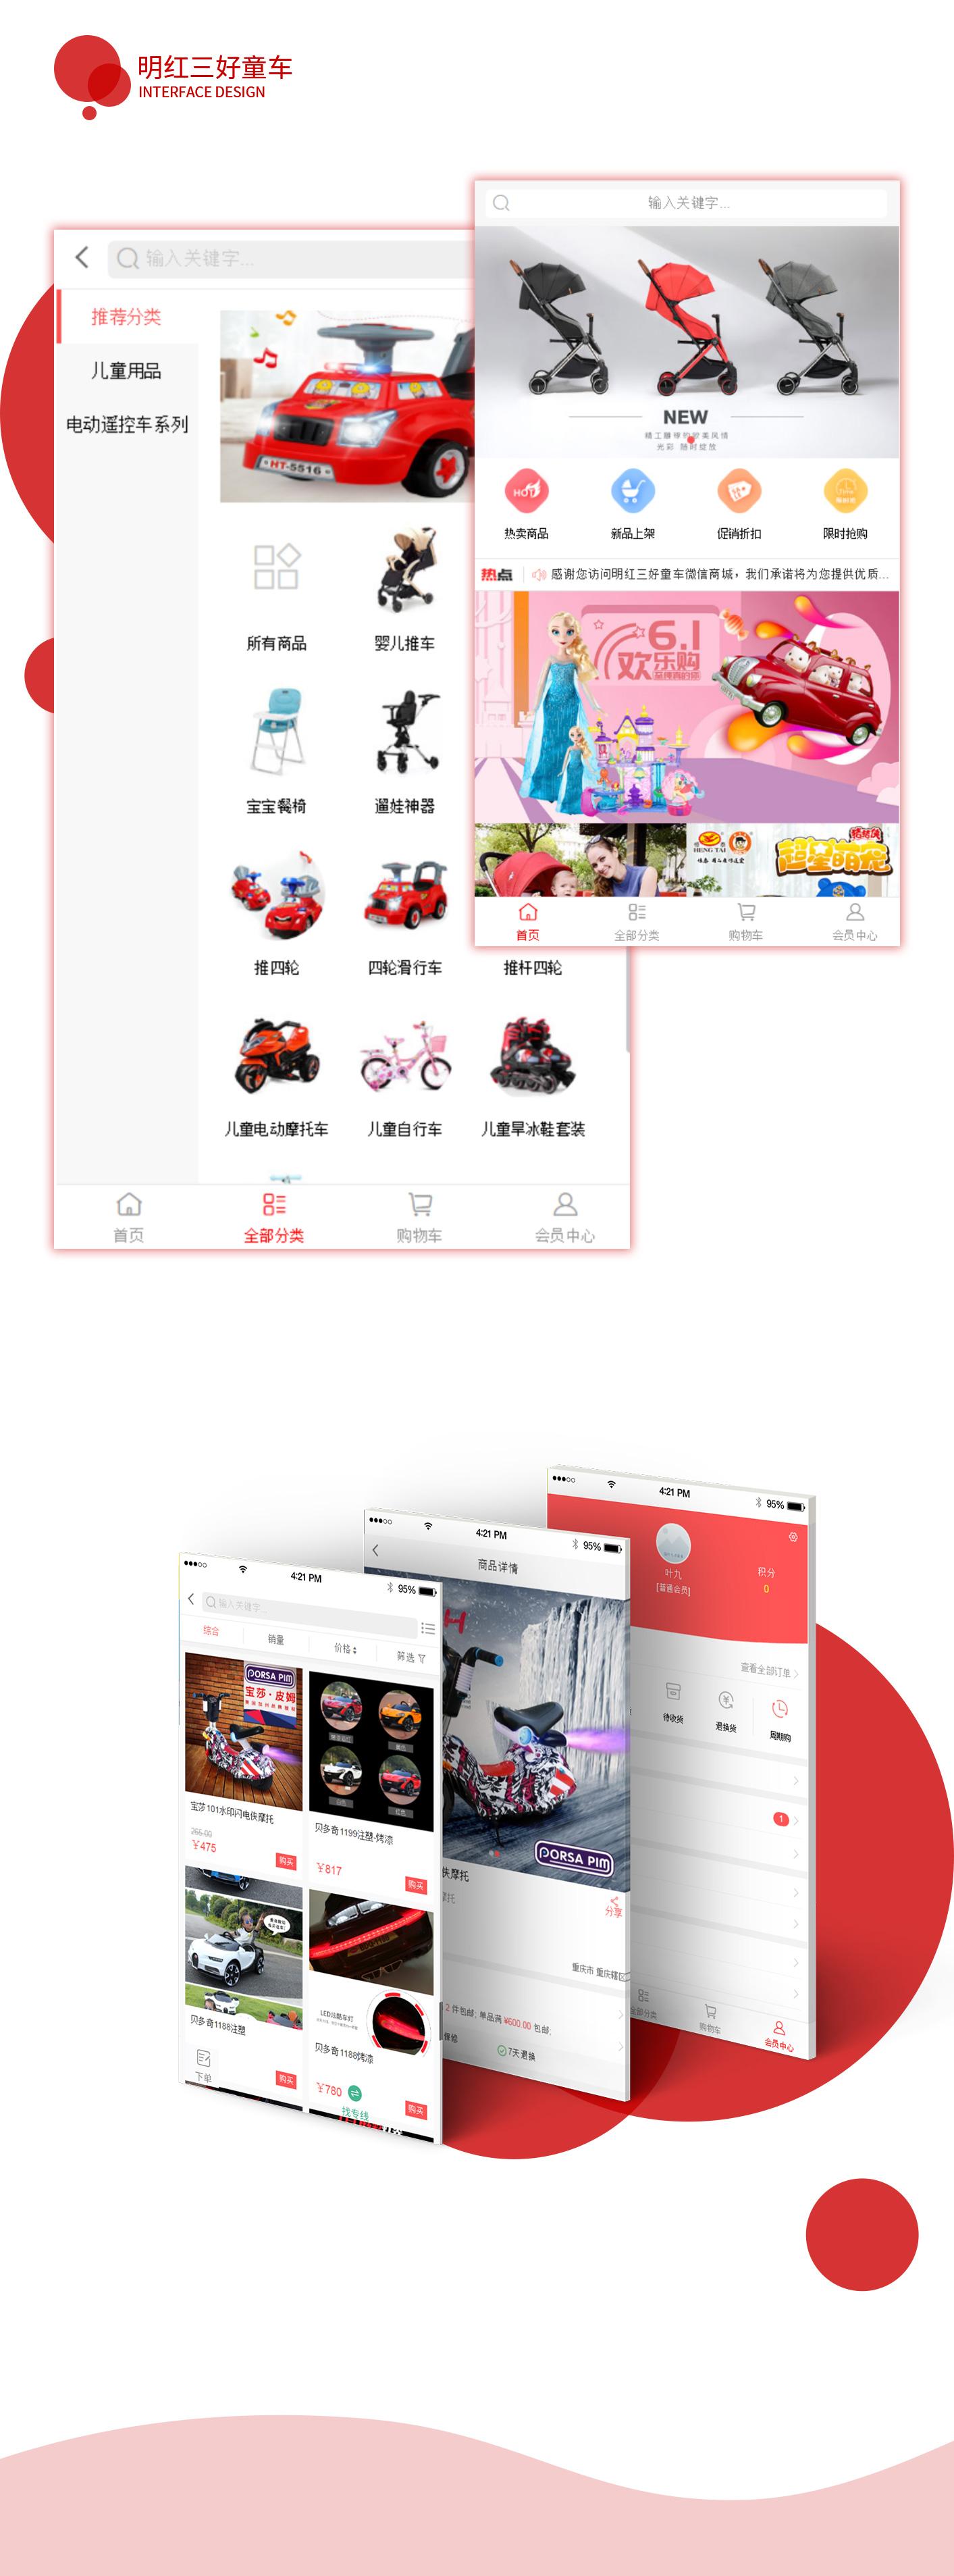 明红三好童车.jpg